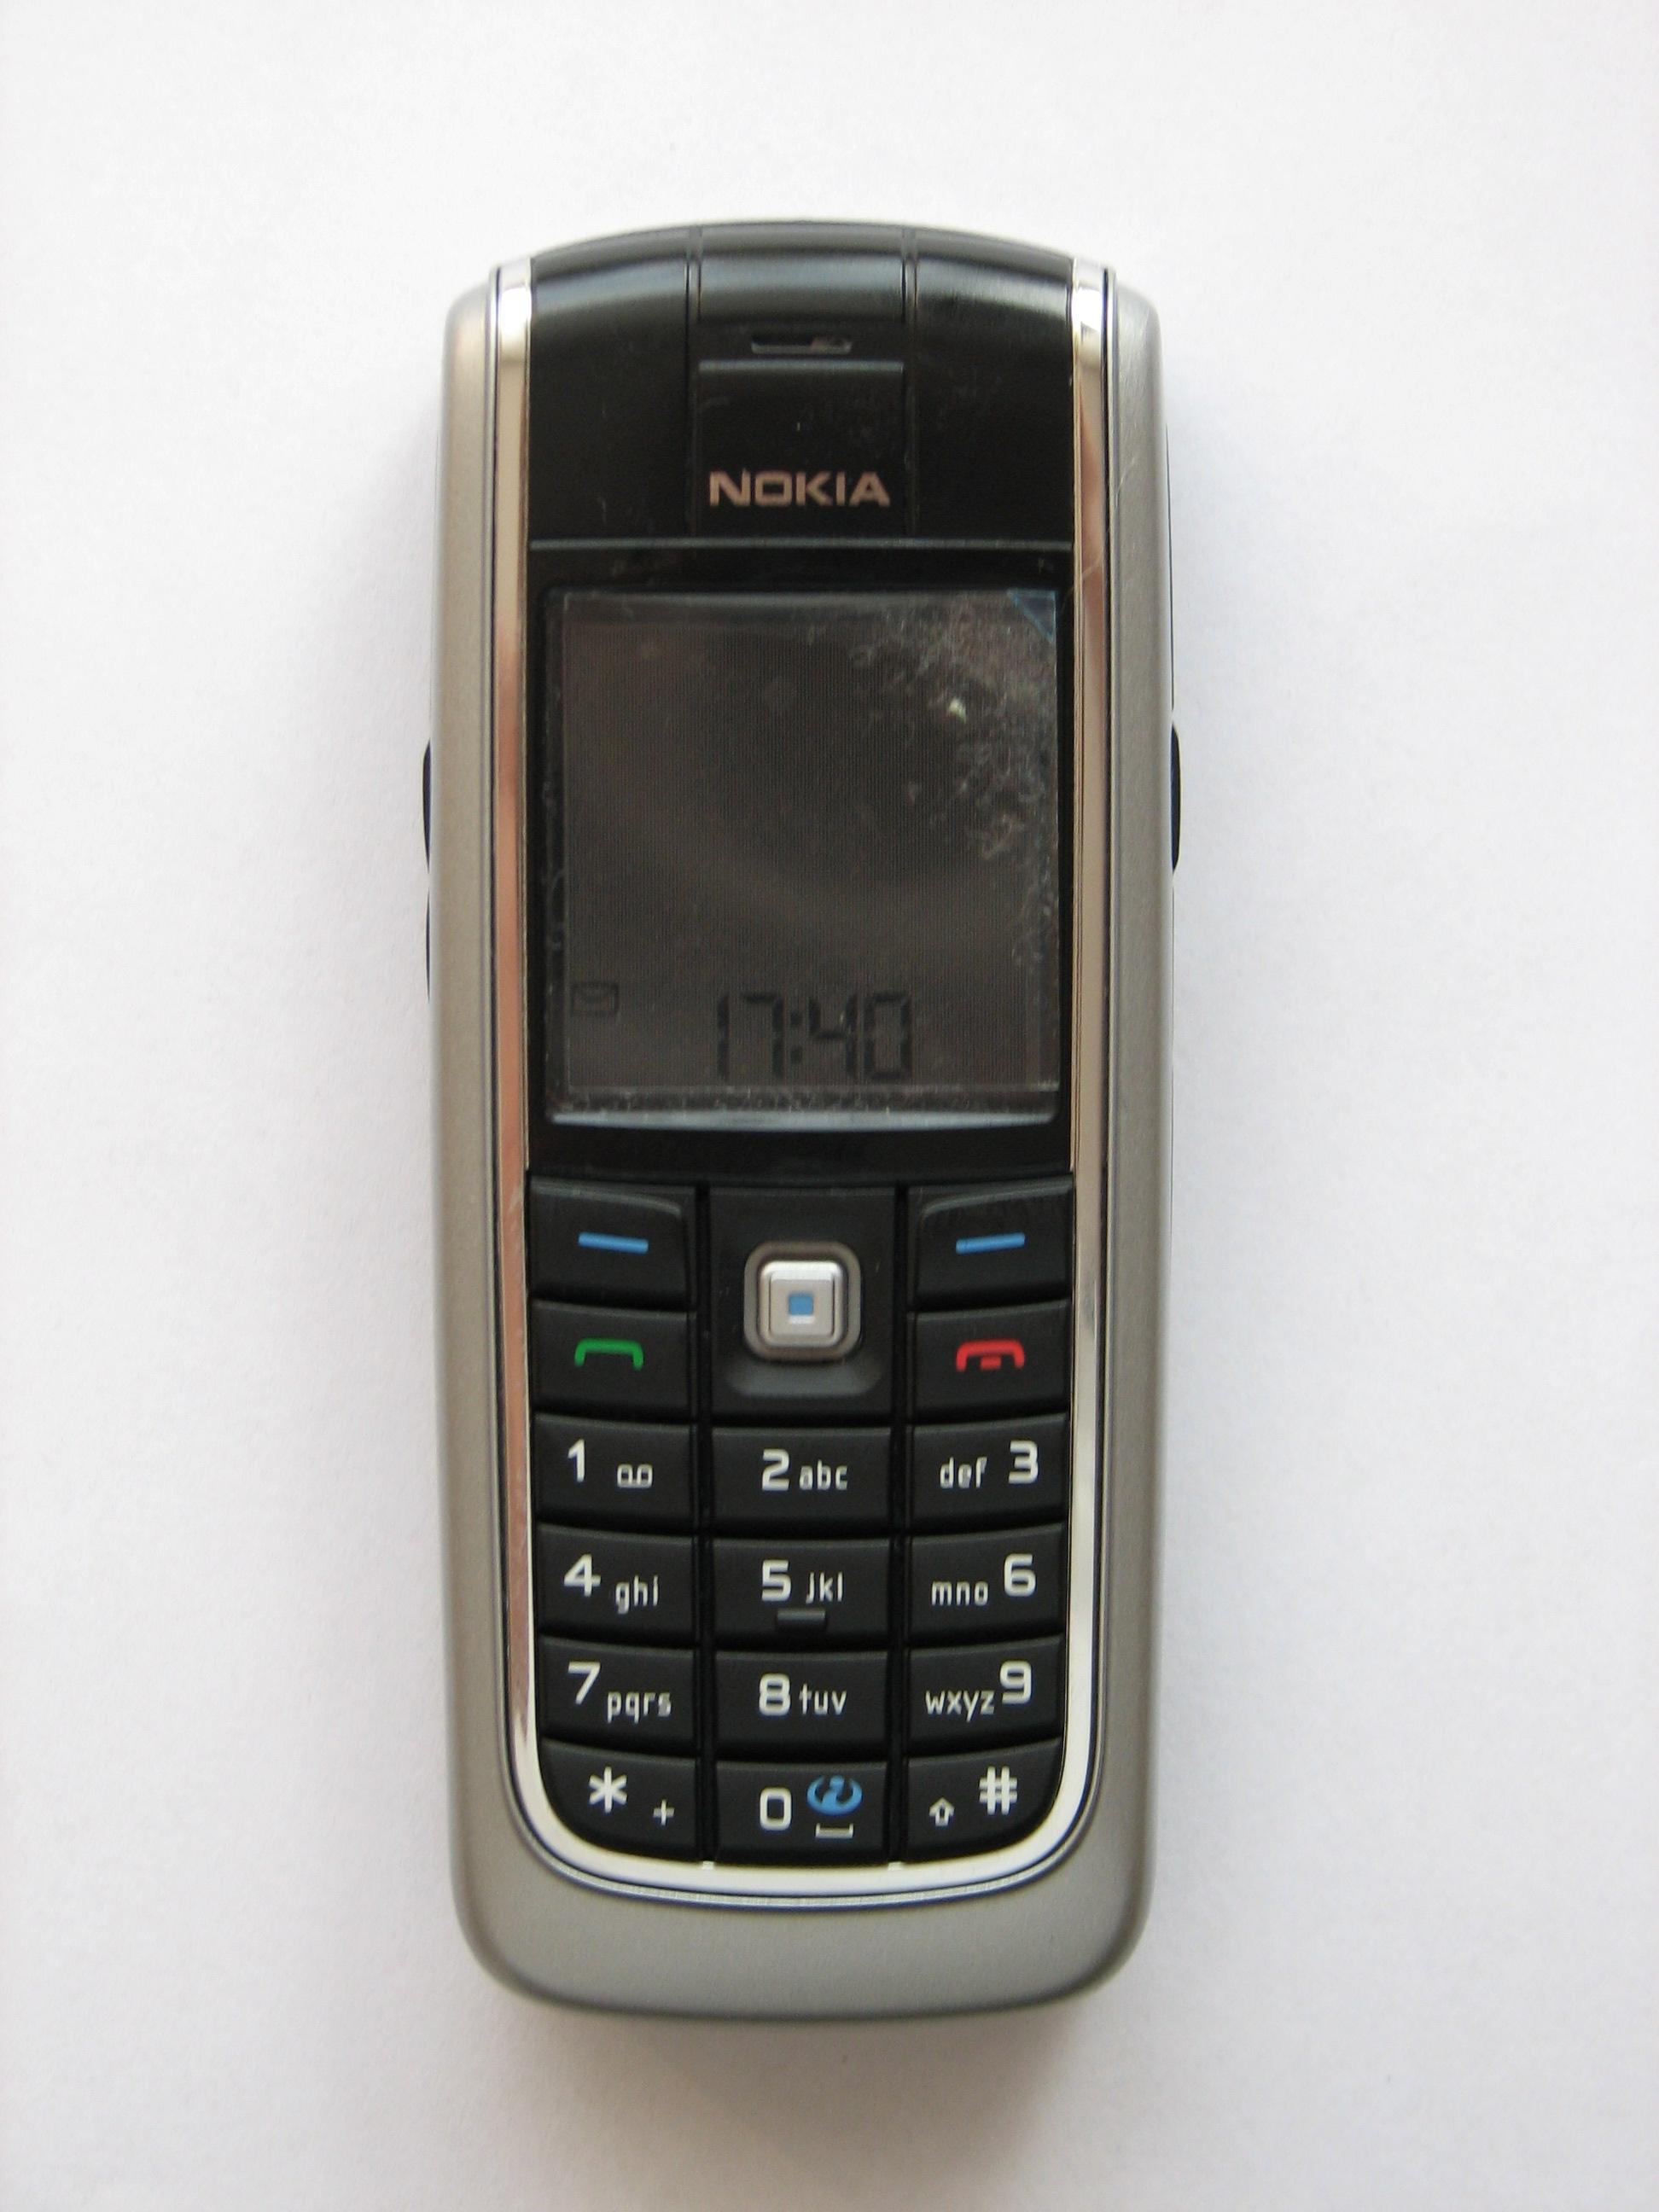 Rar for nokia e6 mobile 9